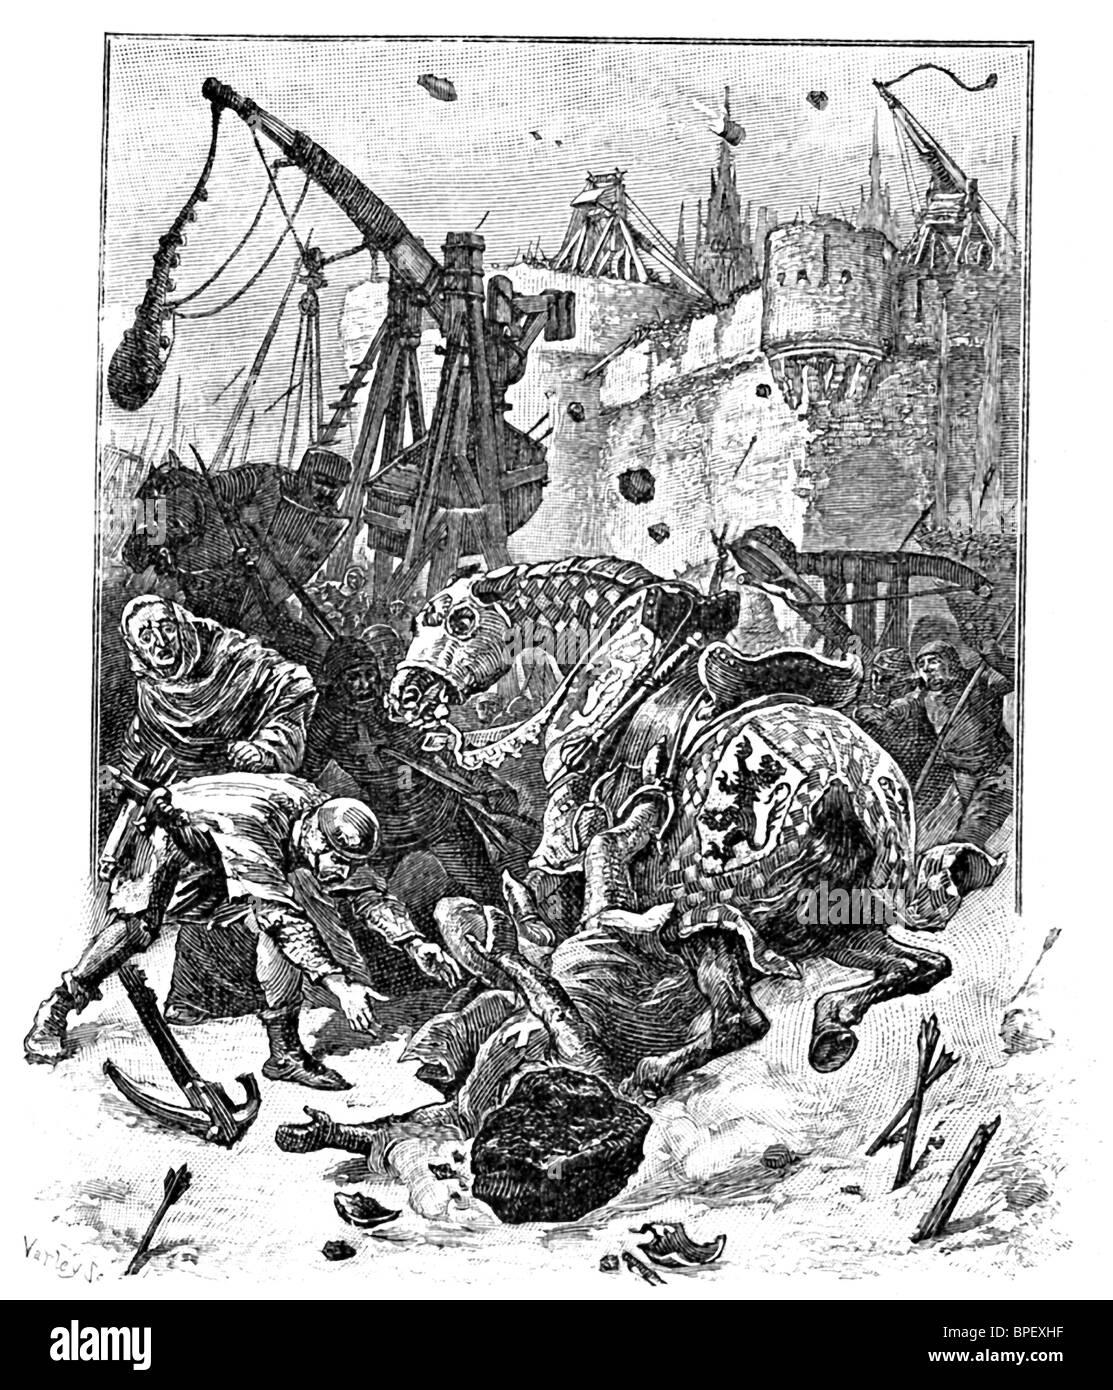 Eine mittelalterliche Festungsstadt in Italien unter Belagerung, mit beiden Armeen sind Ballisten. Stockbild